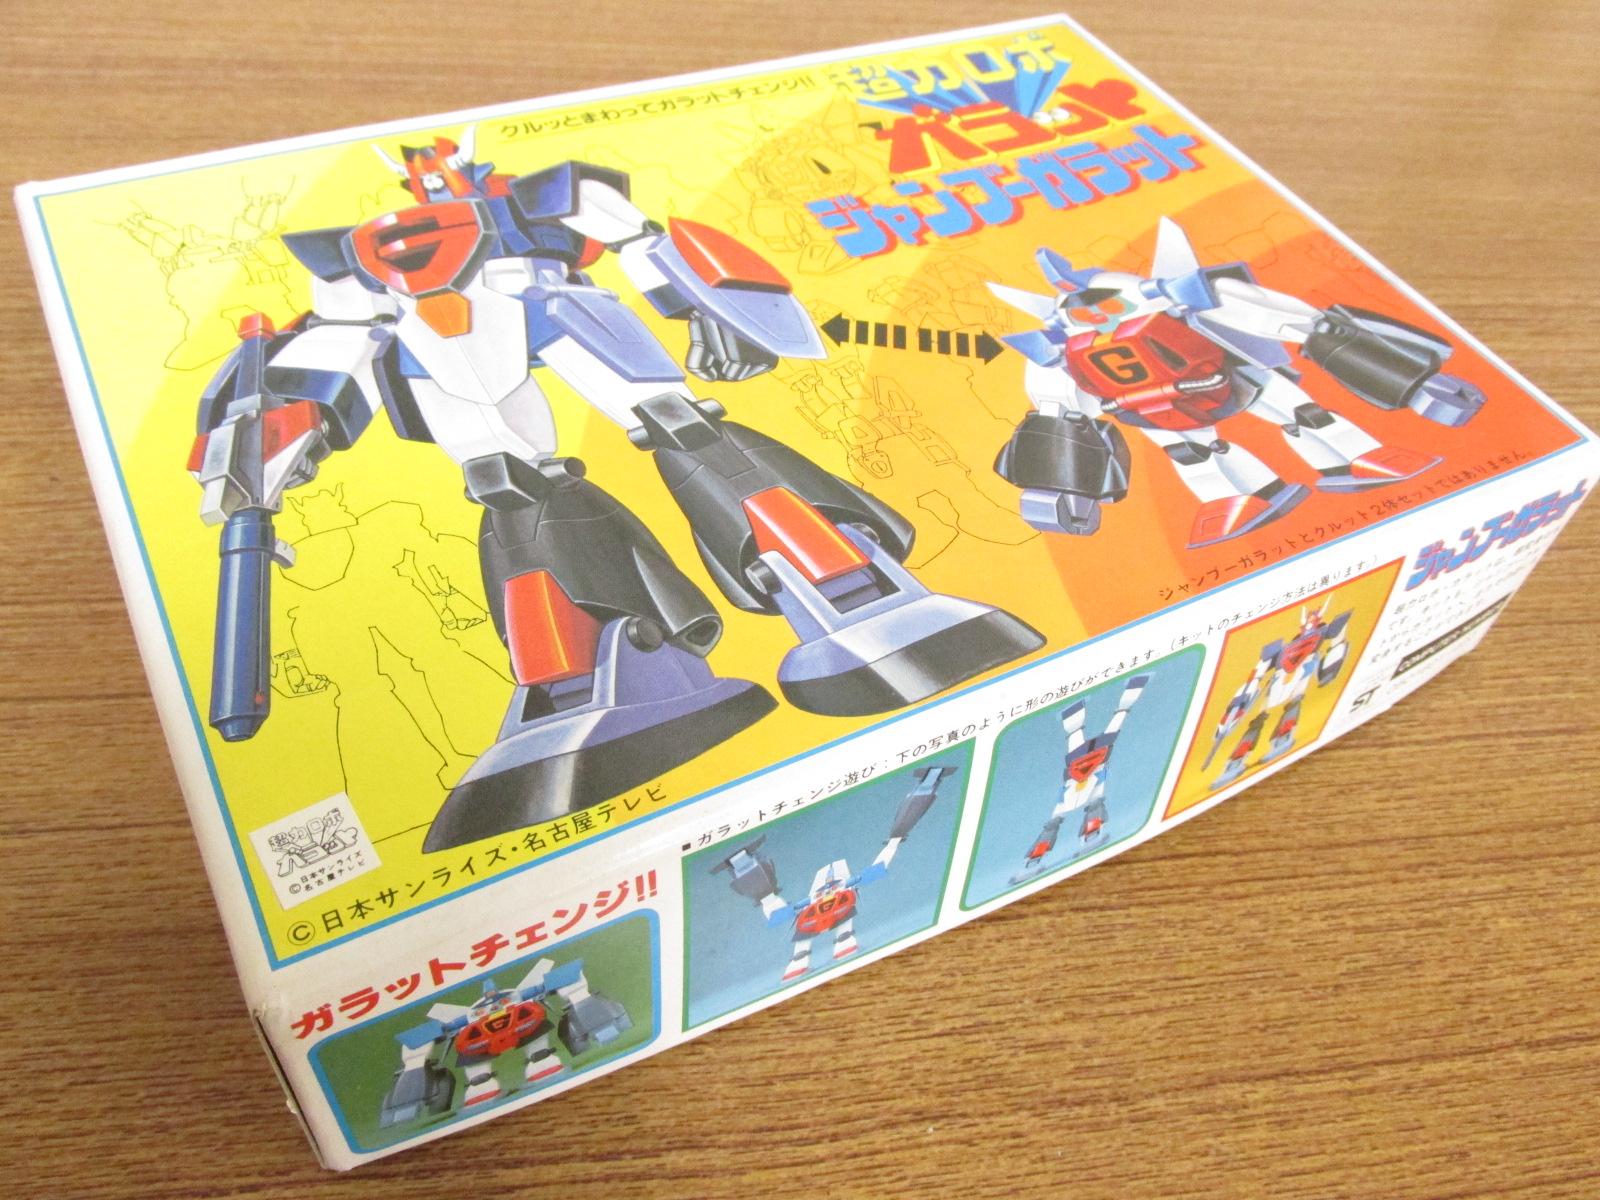 ブランド BANDAI(バンダイ) シリーズ超力ロボ ガラット 品 名... バンダイ 超力ロボ